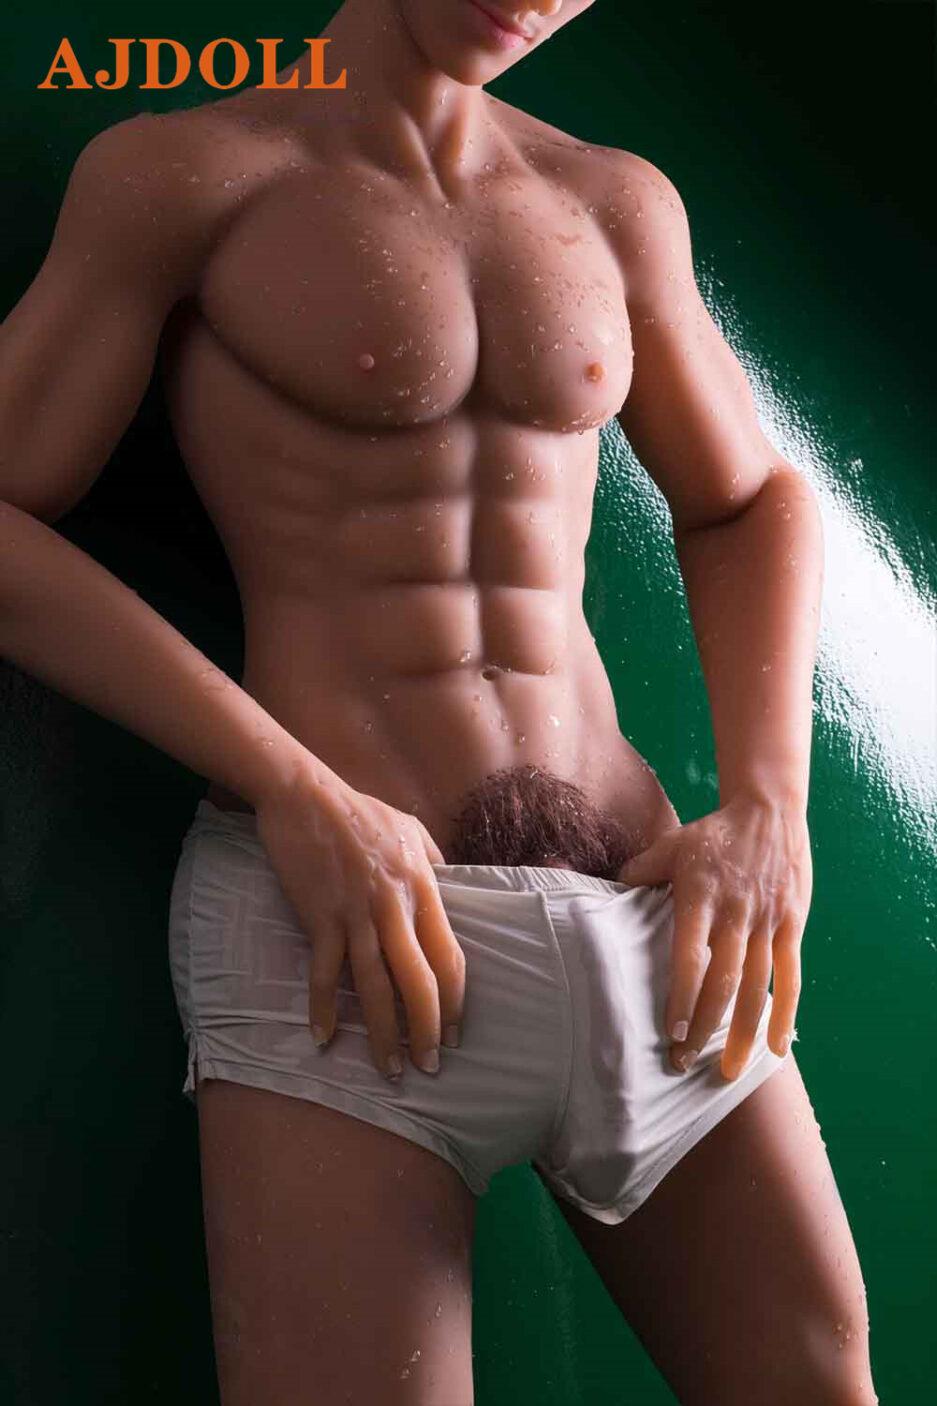 Male sex doll in white underwear